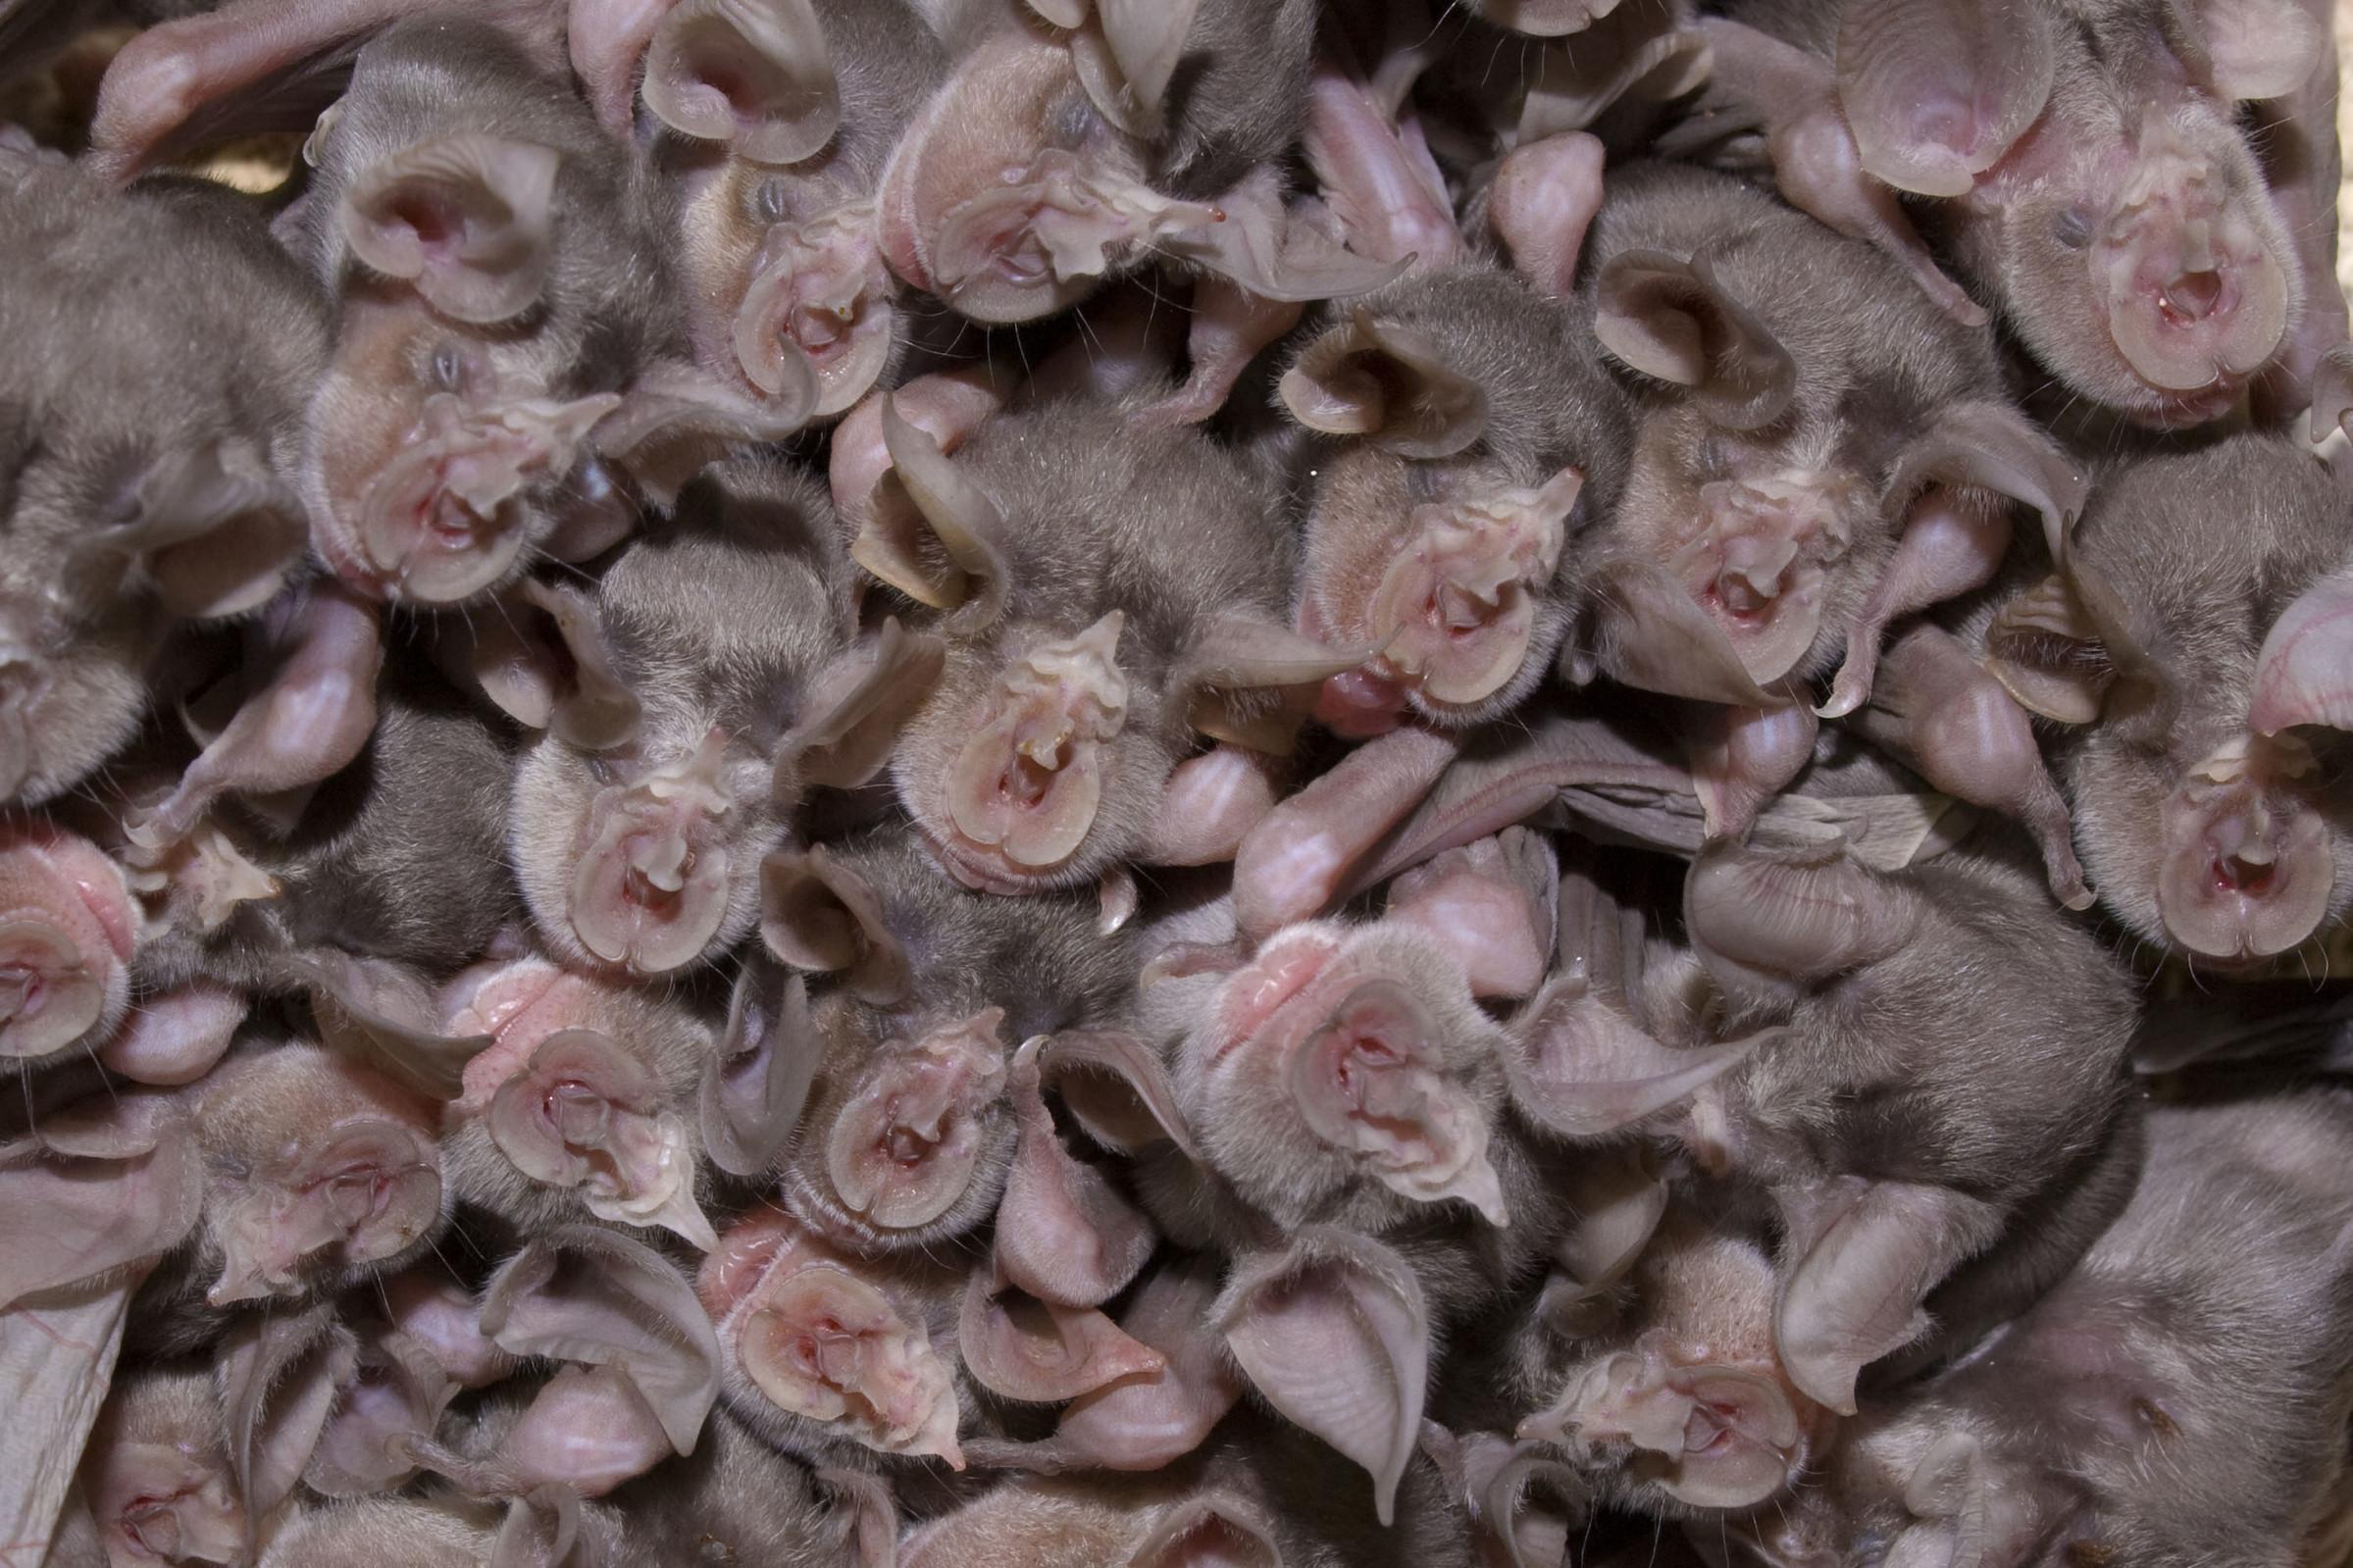 Colonie de chauves-souris Rhinolophe de Mehely